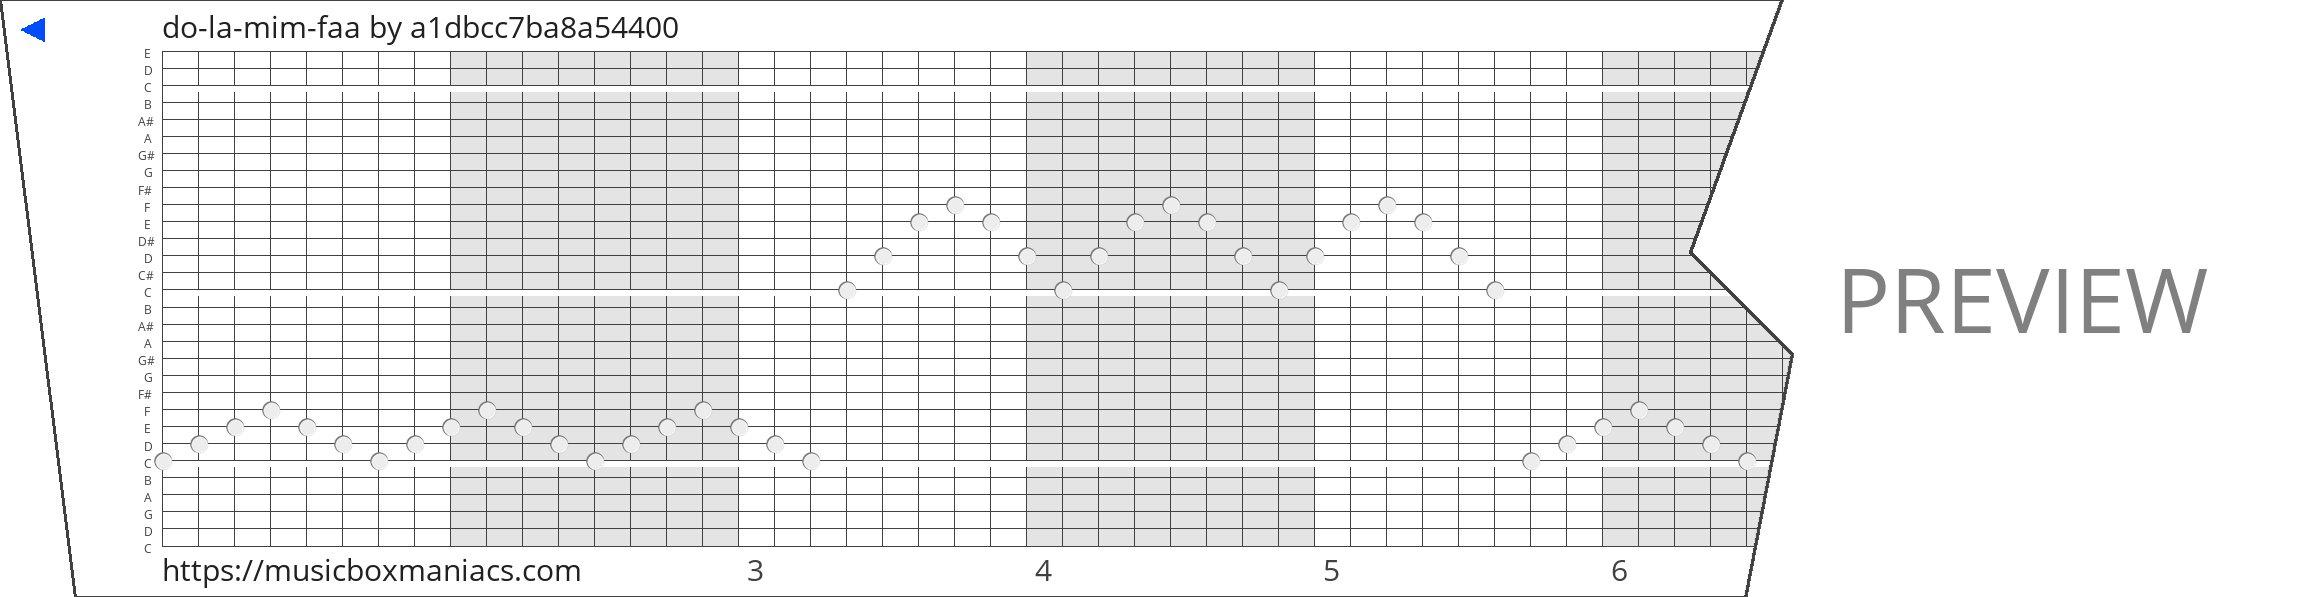 do-la-mim-faa 30 note music box paper strip